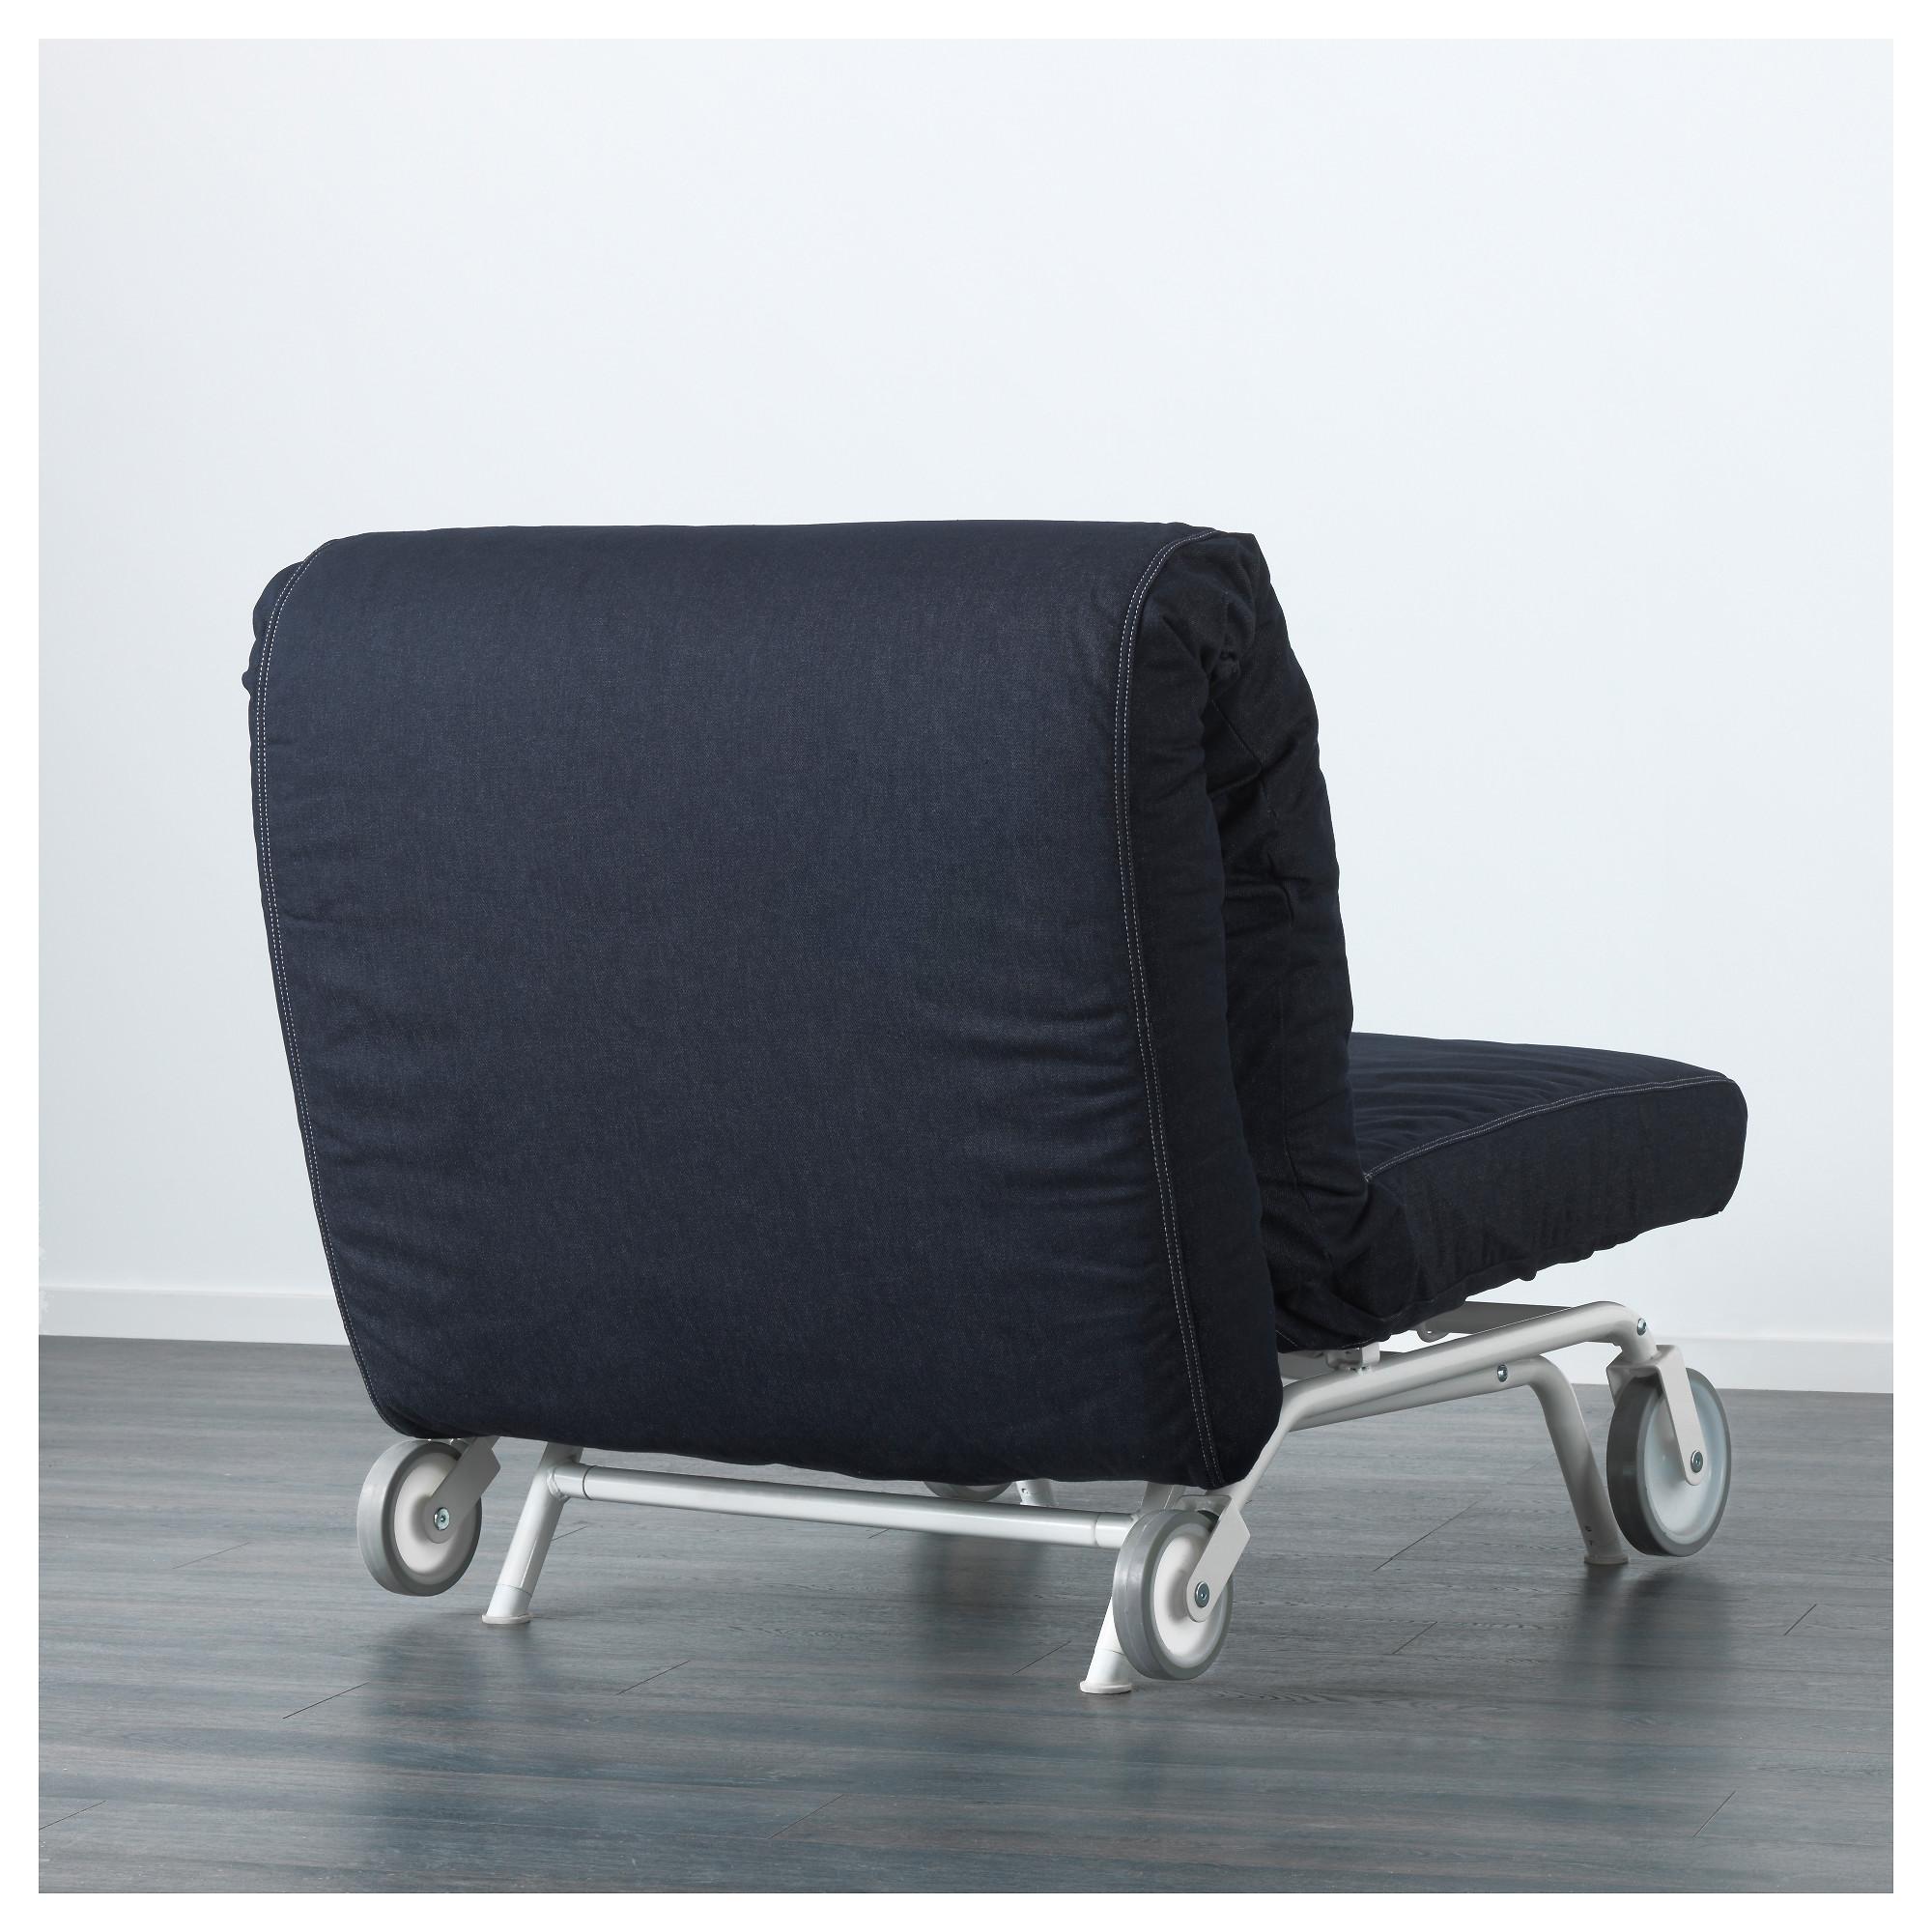 купить кресло кровать икеапс ховет ванста темно синий в икеа